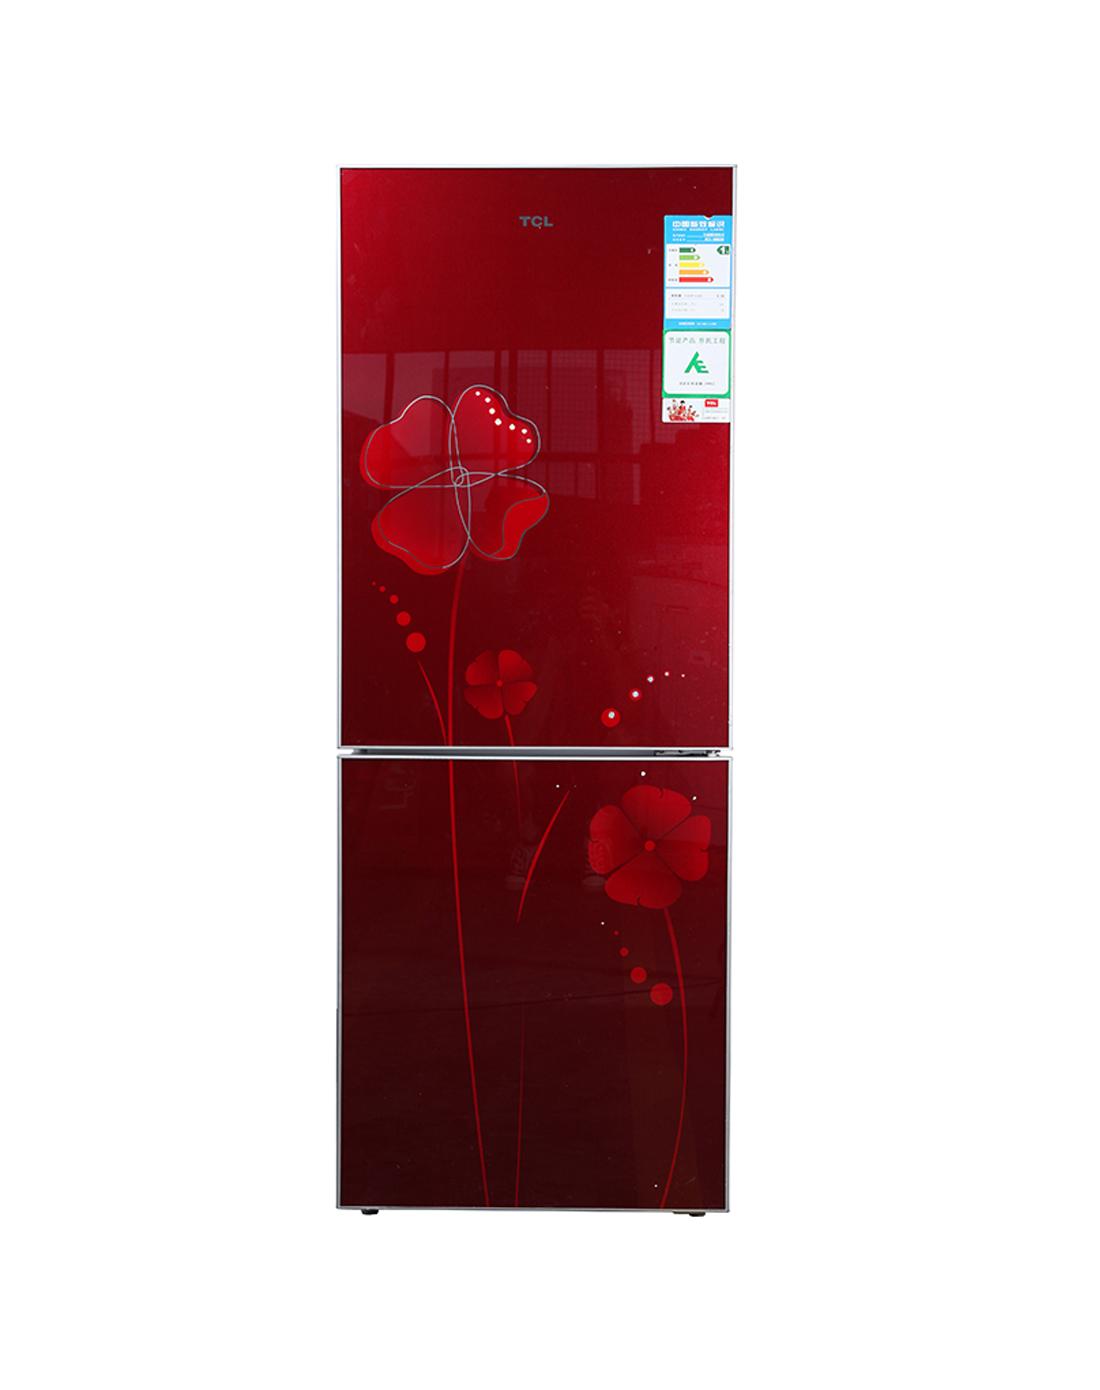 > 钢化玻璃面板 冷藏冷冻冰箱 双门式 直冷